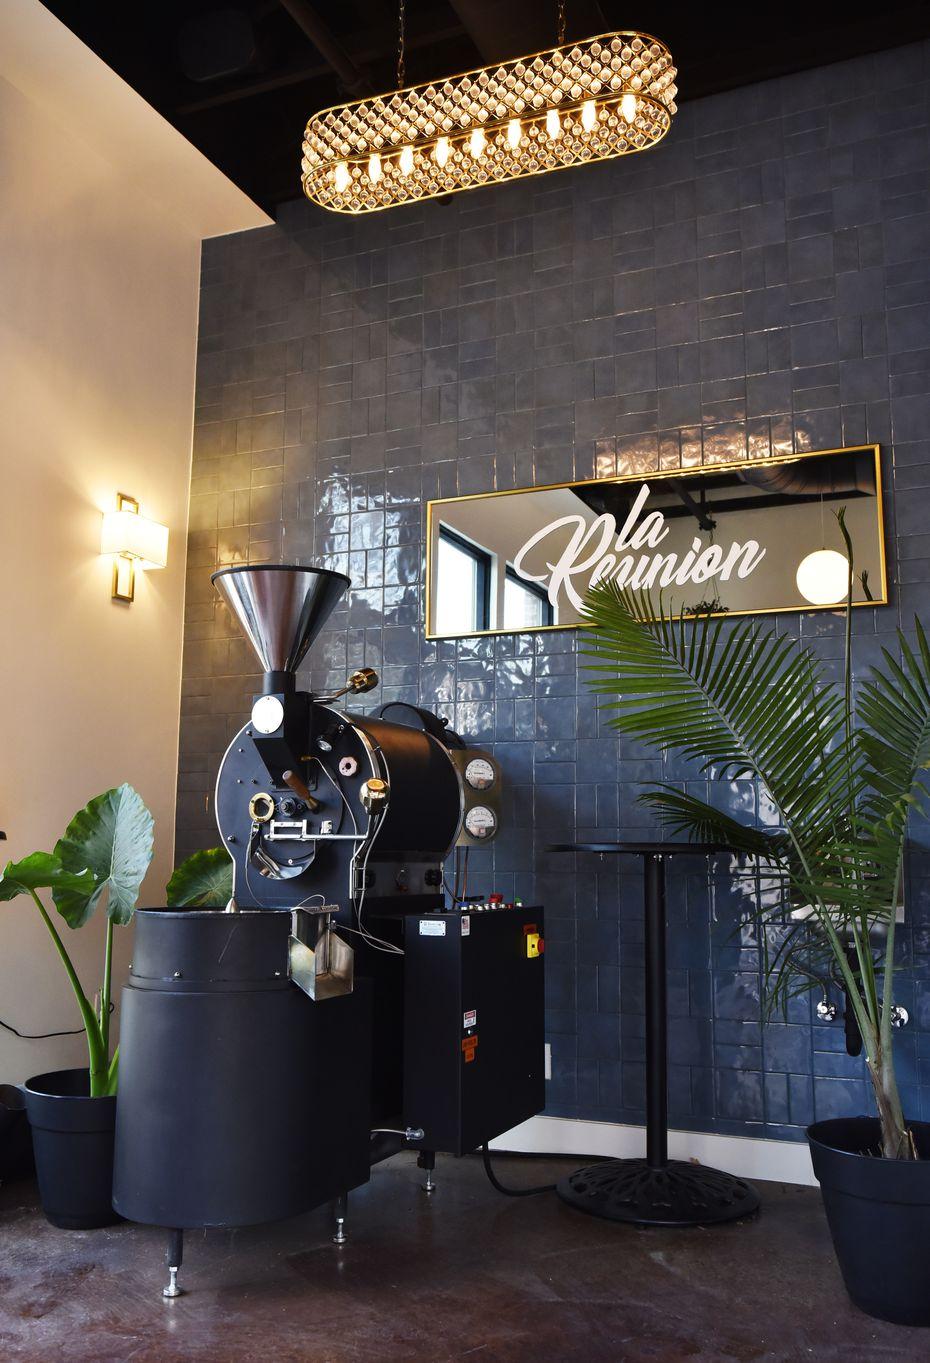 Le café torréfacteur exposé dans le coin de la Réunion est «une des choses les plus chères que je possède», déclare Michael Mettendorf. Elle et la machine à expresso Modbar AV - qui, selon Mettendorf, est la seule au Texas - constituent deux pièces essentielles du magasin.